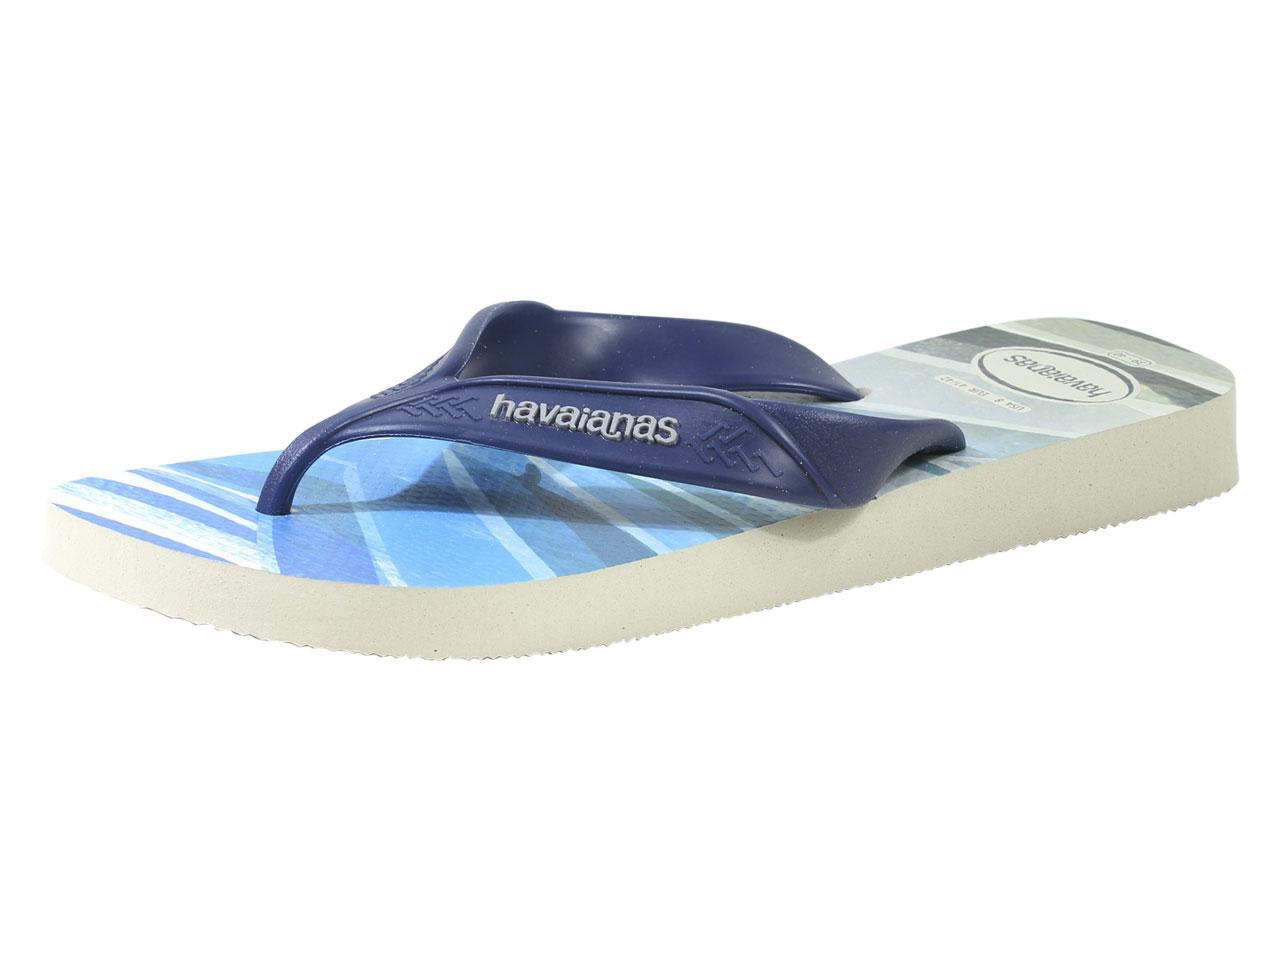 01e1a6bc6dc6ae Havaianas Men s Surf Flip Flops Sandals Shoes